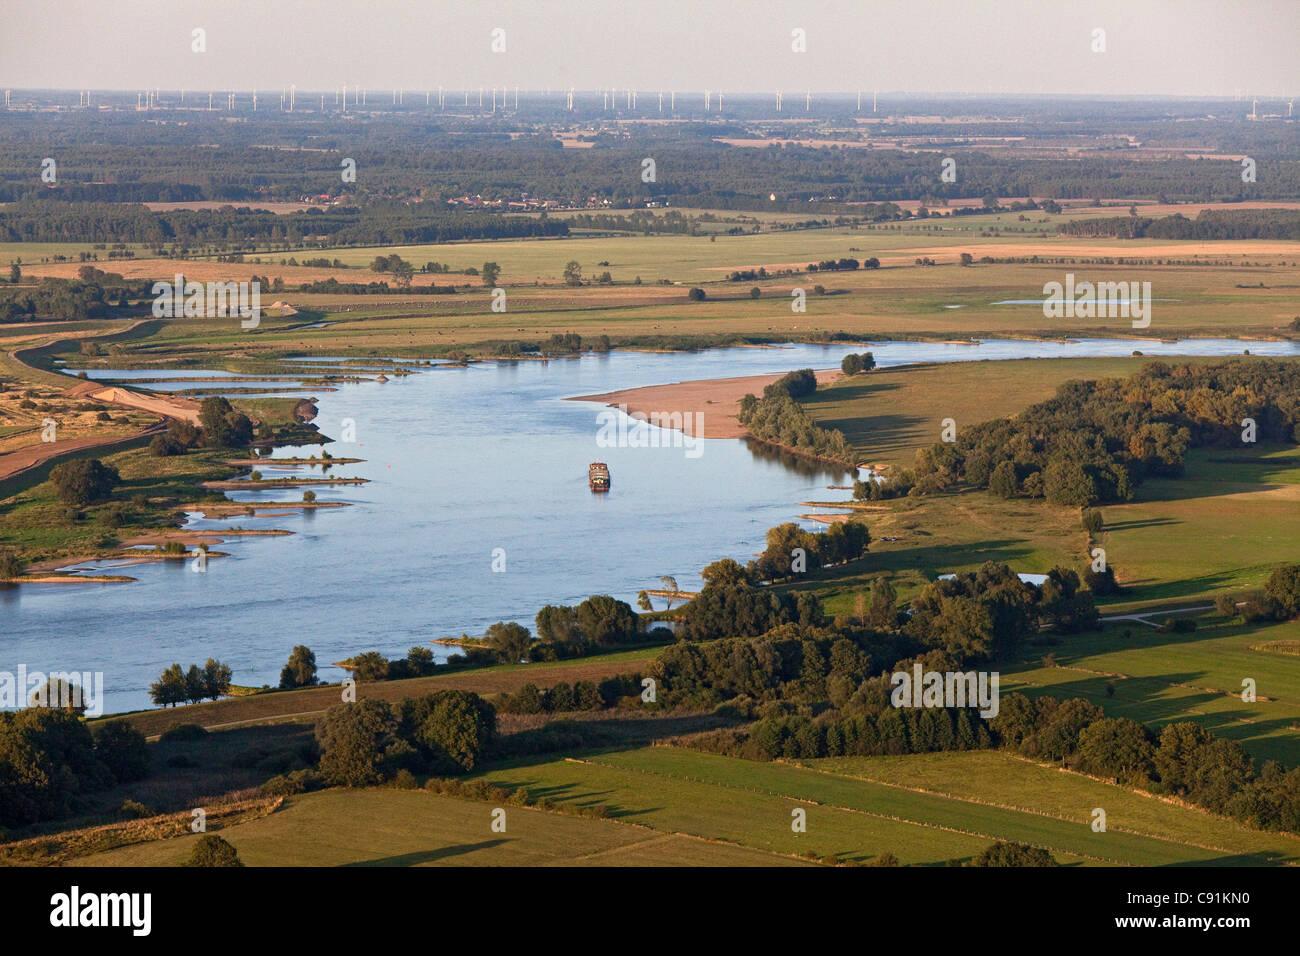 Luftbild von der Elbe, Marsch, Schnackenburg, Niedersachsen, Deutschland Stockbild